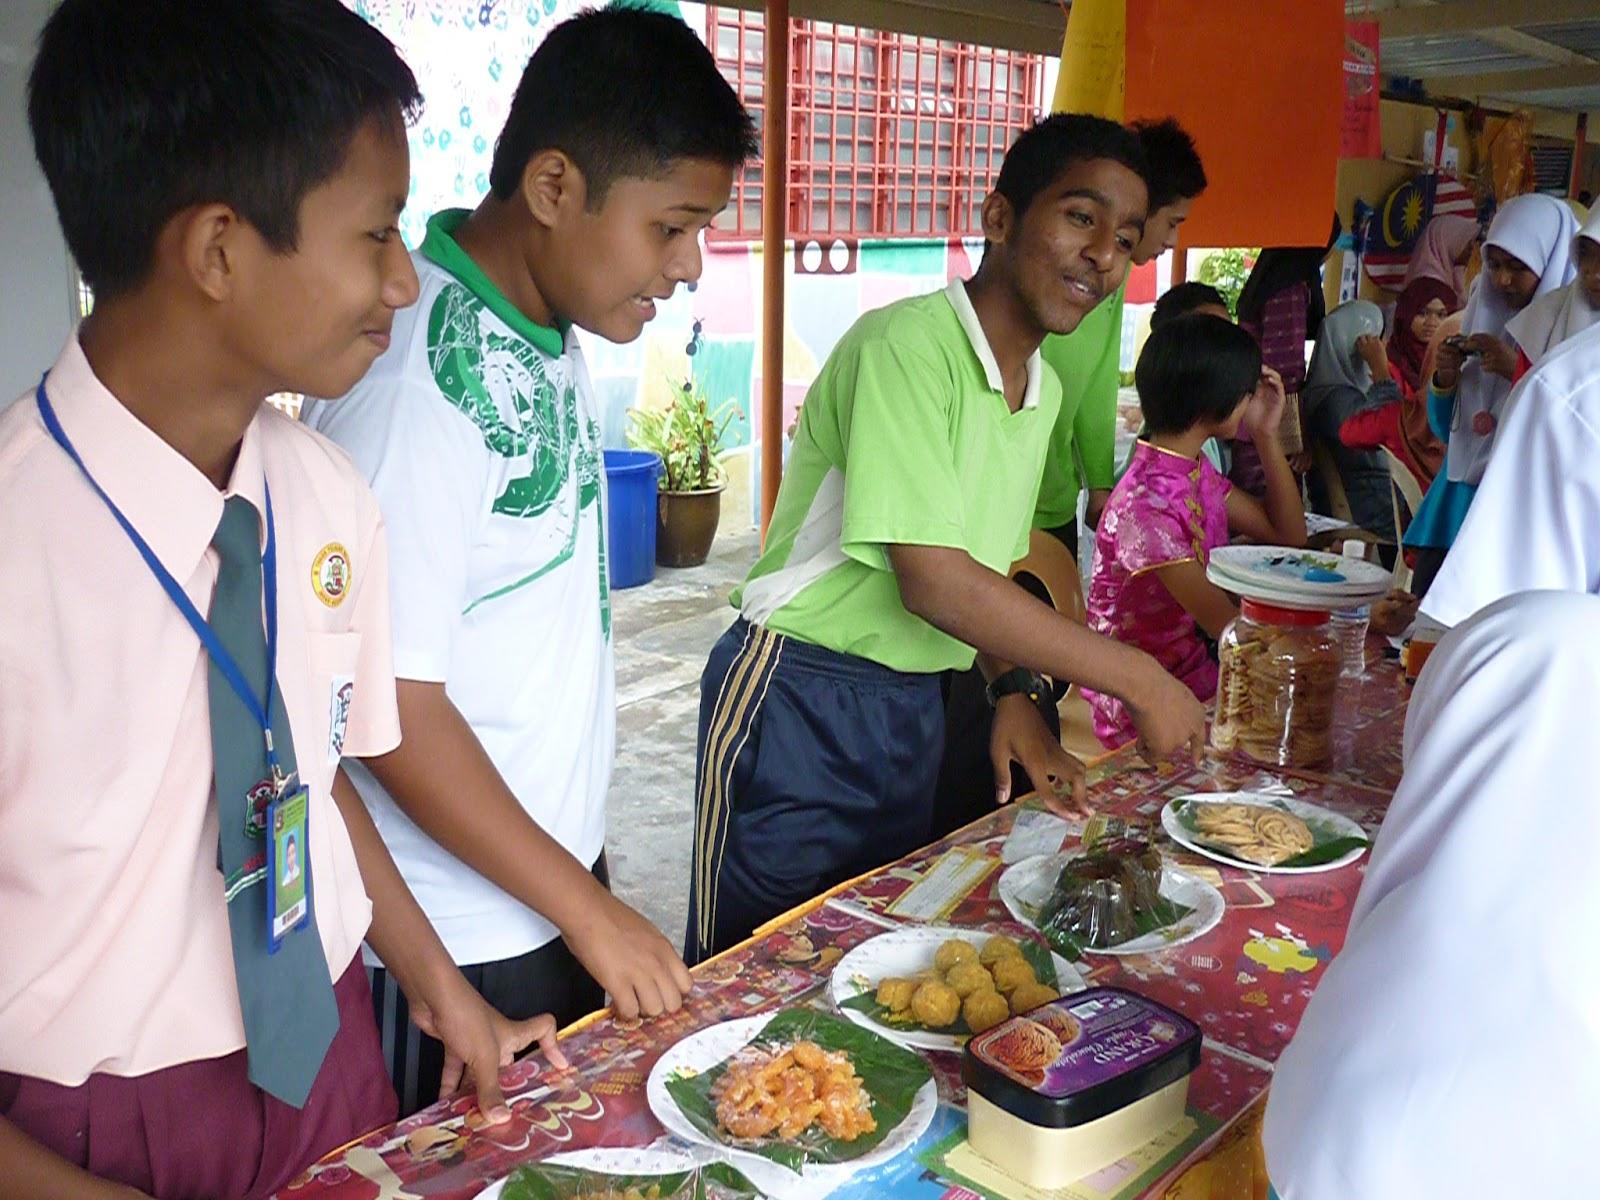 aktiviti jualan kuih tradisional kaligrafi cina pameran sebahagian